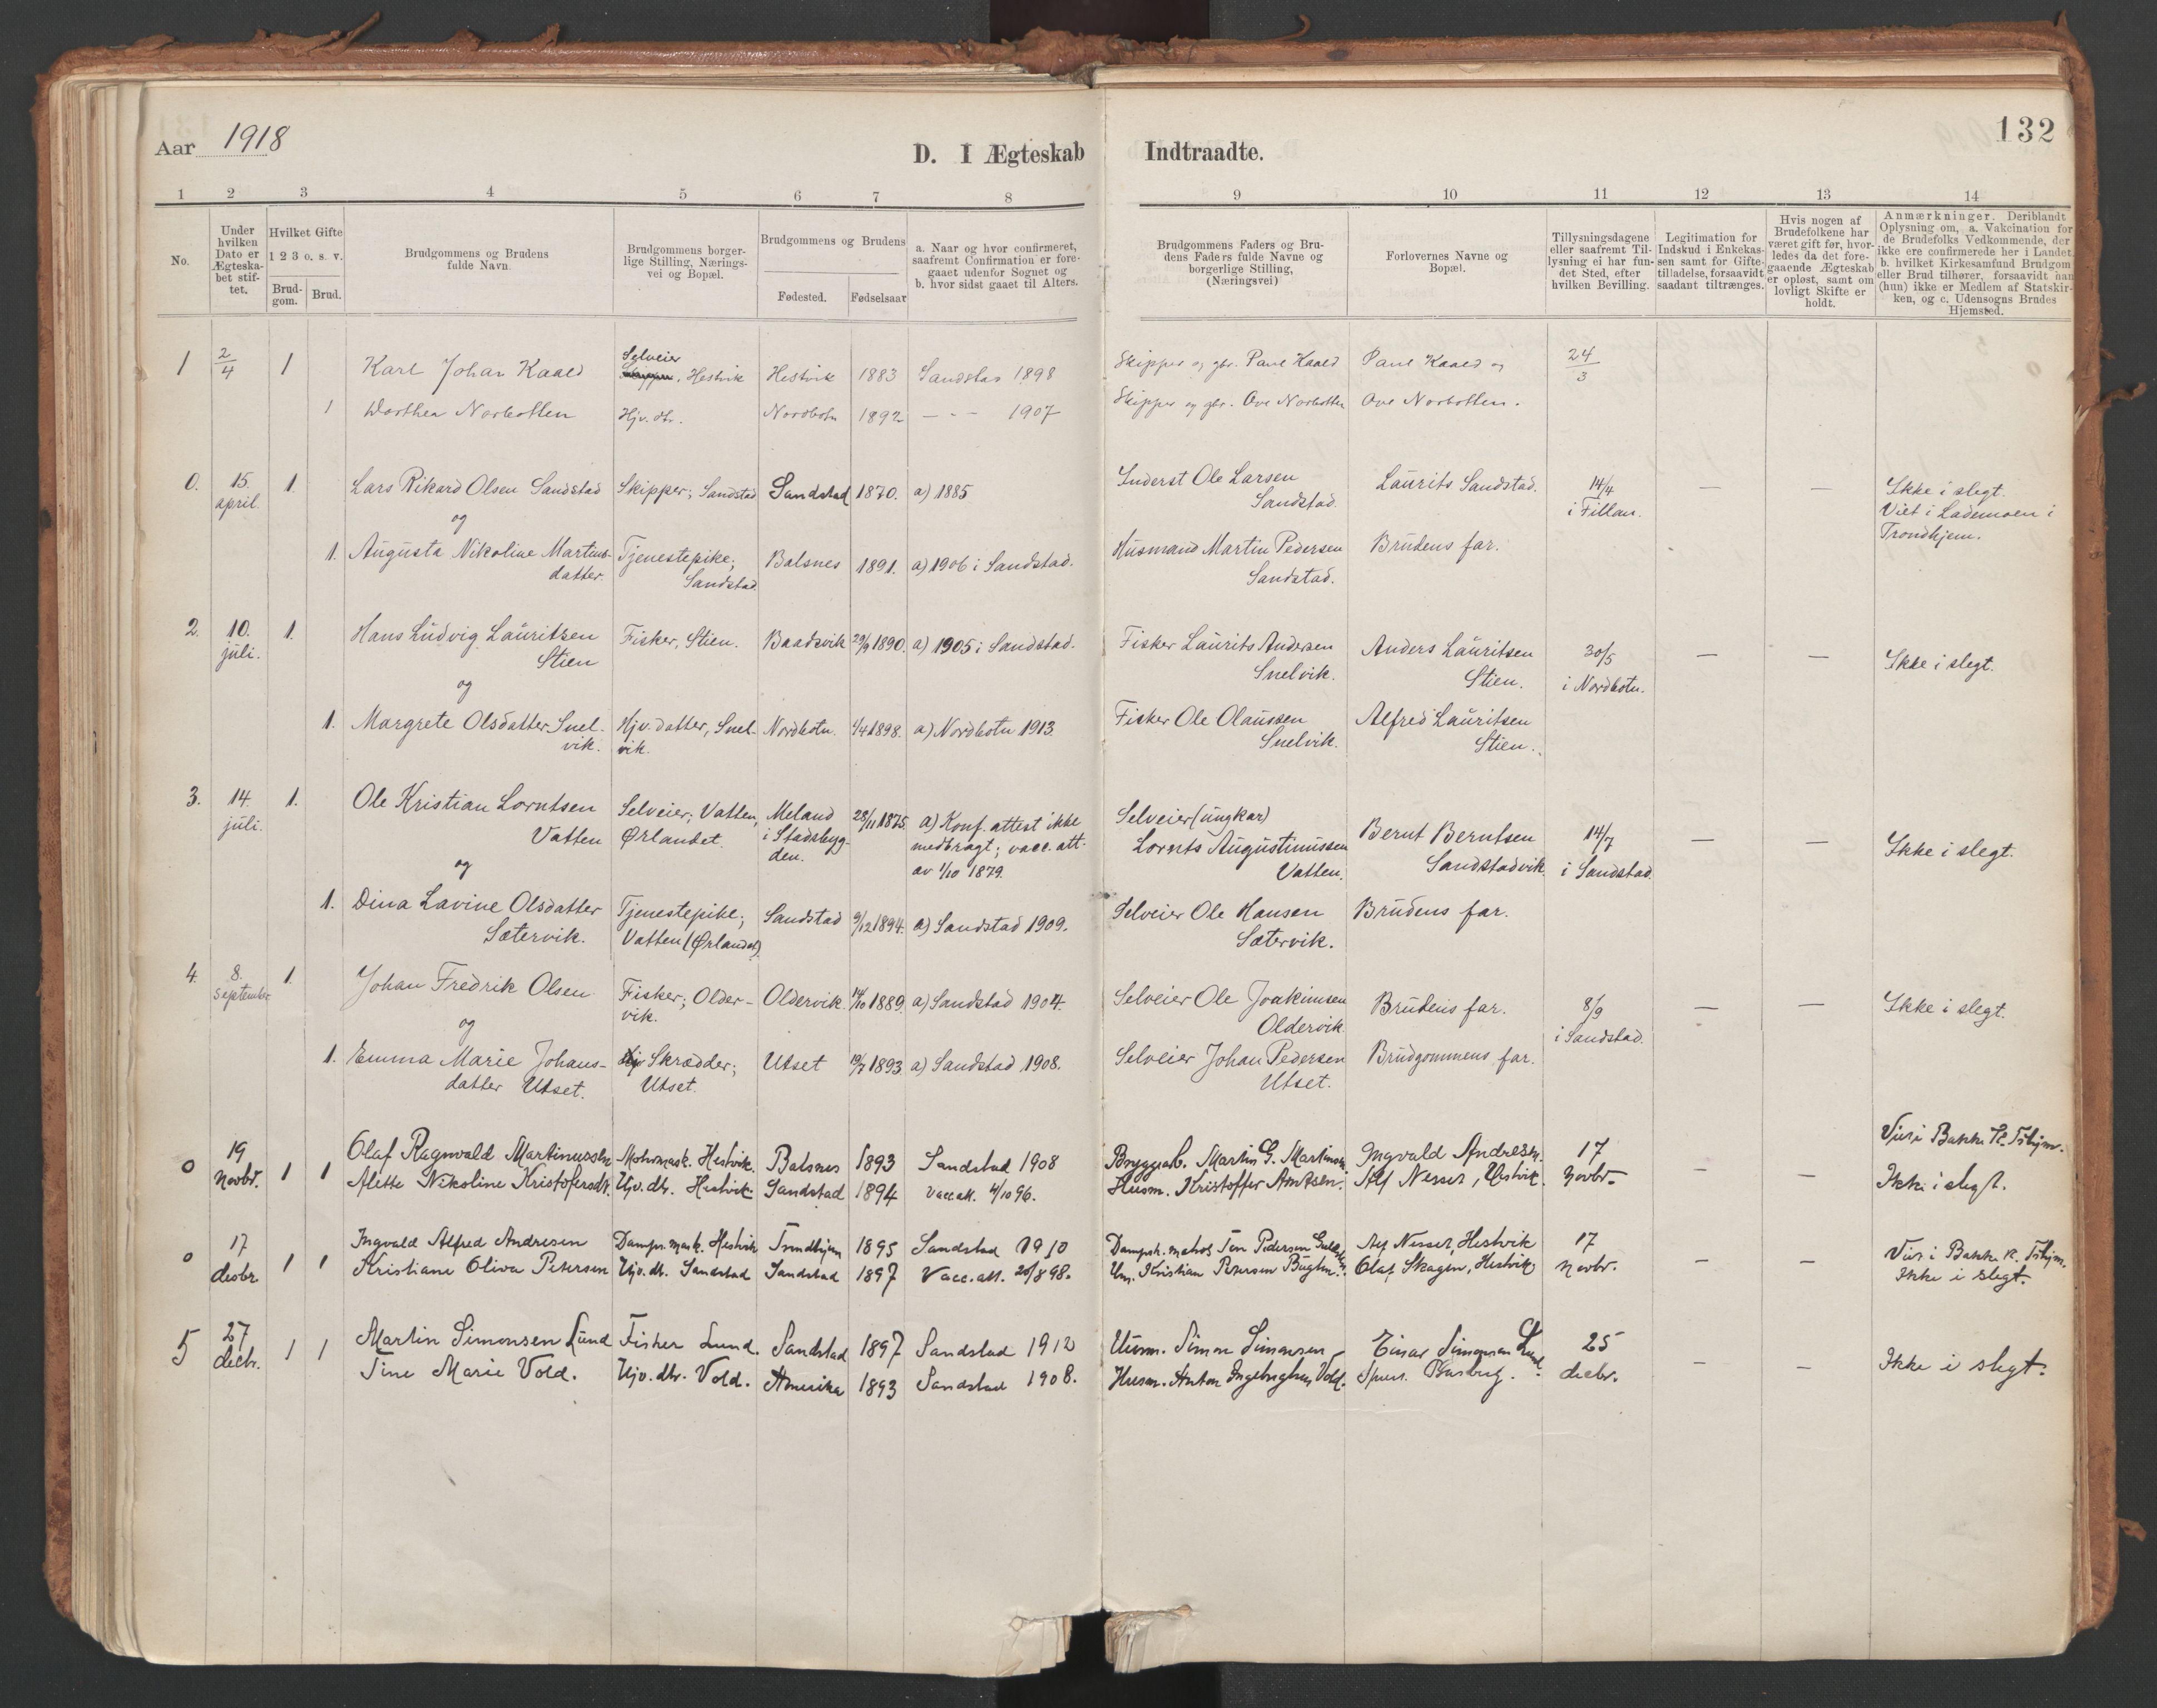 SAT, Ministerialprotokoller, klokkerbøker og fødselsregistre - Sør-Trøndelag, 639/L0572: Ministerialbok nr. 639A01, 1890-1920, s. 132